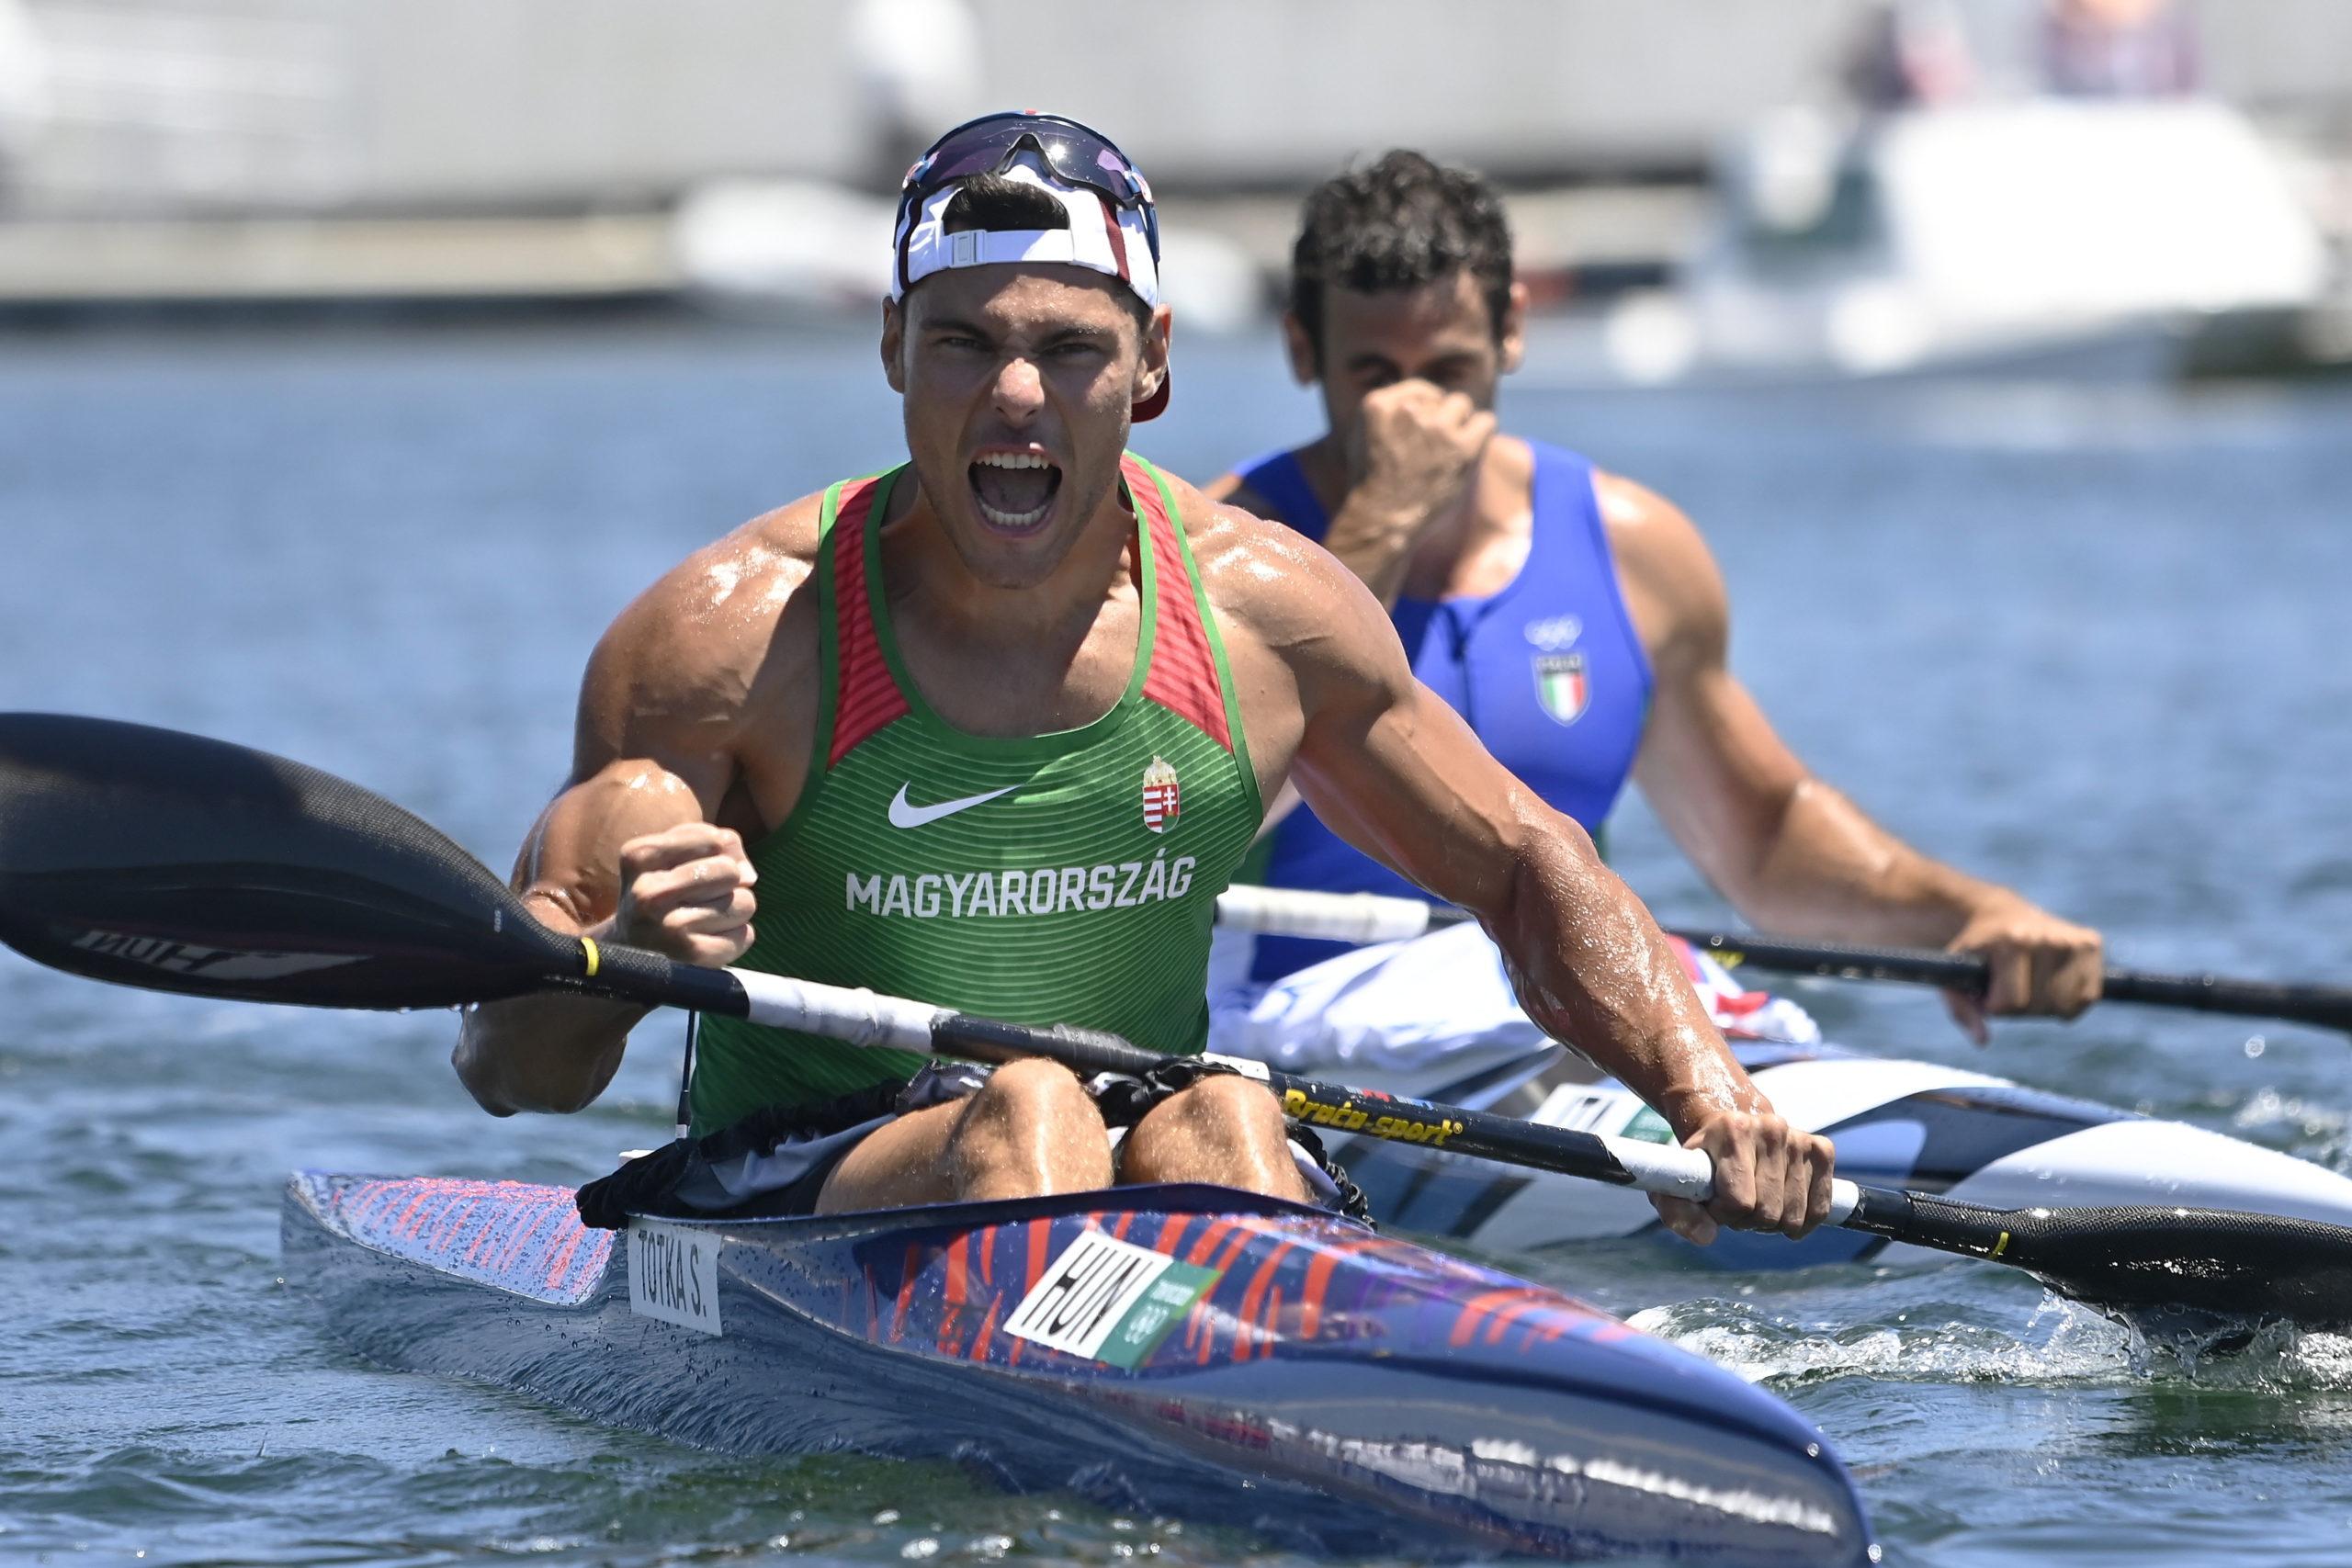 Az aranyérmes Tótka Sándor örül a gyõzelmének a férfi kajak egyesek 200 méteres versenyének döntõje után